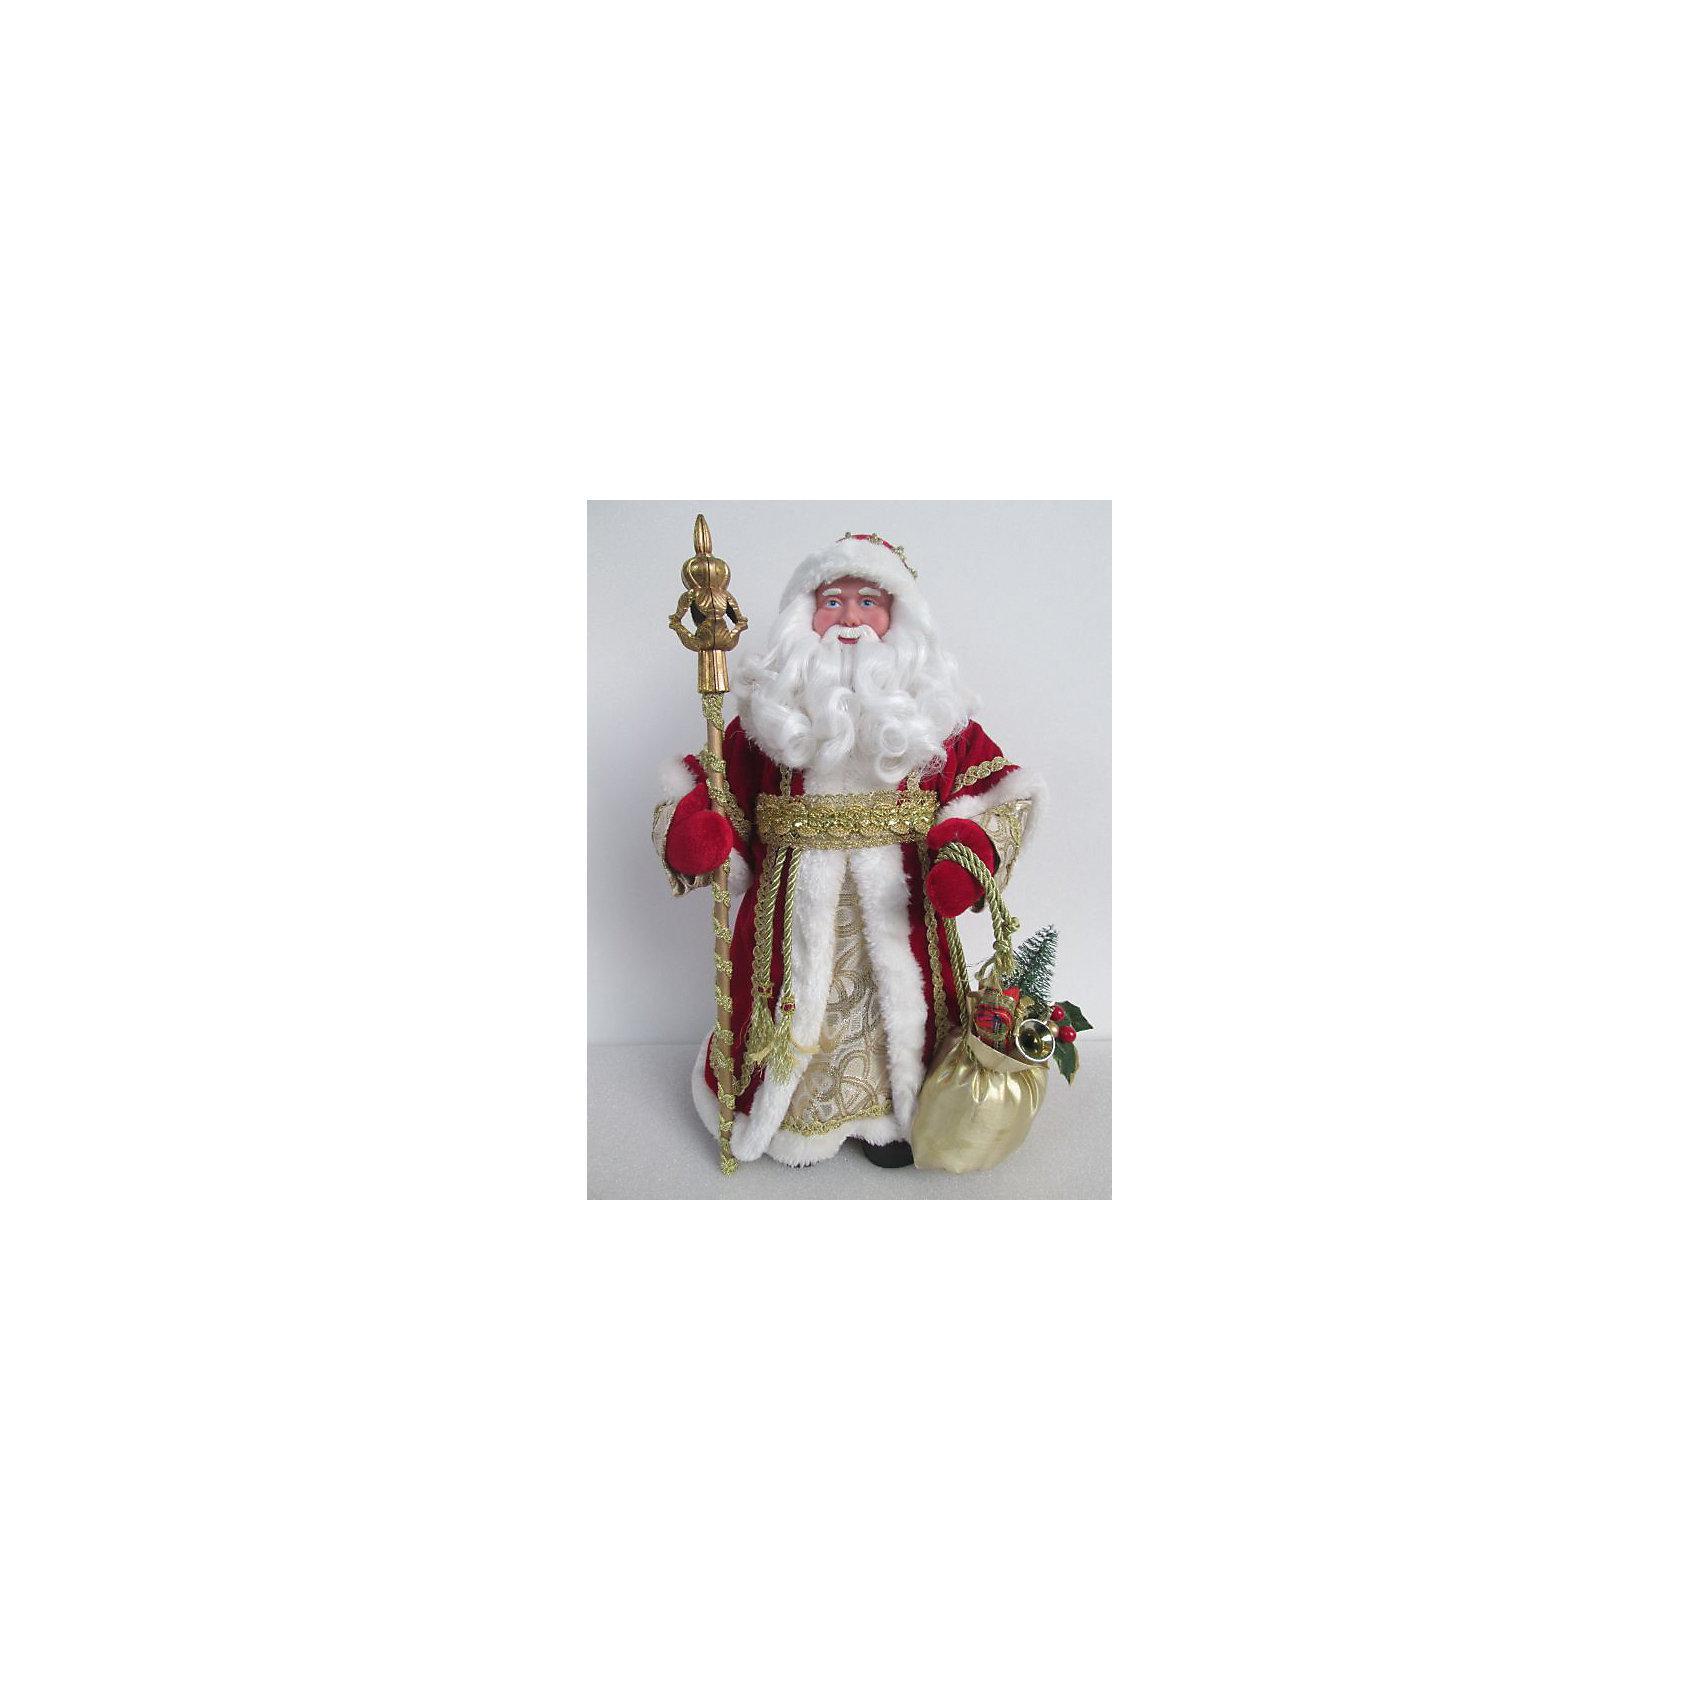 Новогодняя фигурка Дед Мороз в красном костюме (30см, из пластика и ткани)Всё для праздника<br>Новогодняя фигурка Дед Мороз в красном костюме арт.39095 (30см, из пластика и ткани) арт.39095<br><br>Ширина мм: 150<br>Глубина мм: 95<br>Высота мм: 310<br>Вес г: 323<br>Возраст от месяцев: 60<br>Возраст до месяцев: 600<br>Пол: Унисекс<br>Возраст: Детский<br>SKU: 5144552